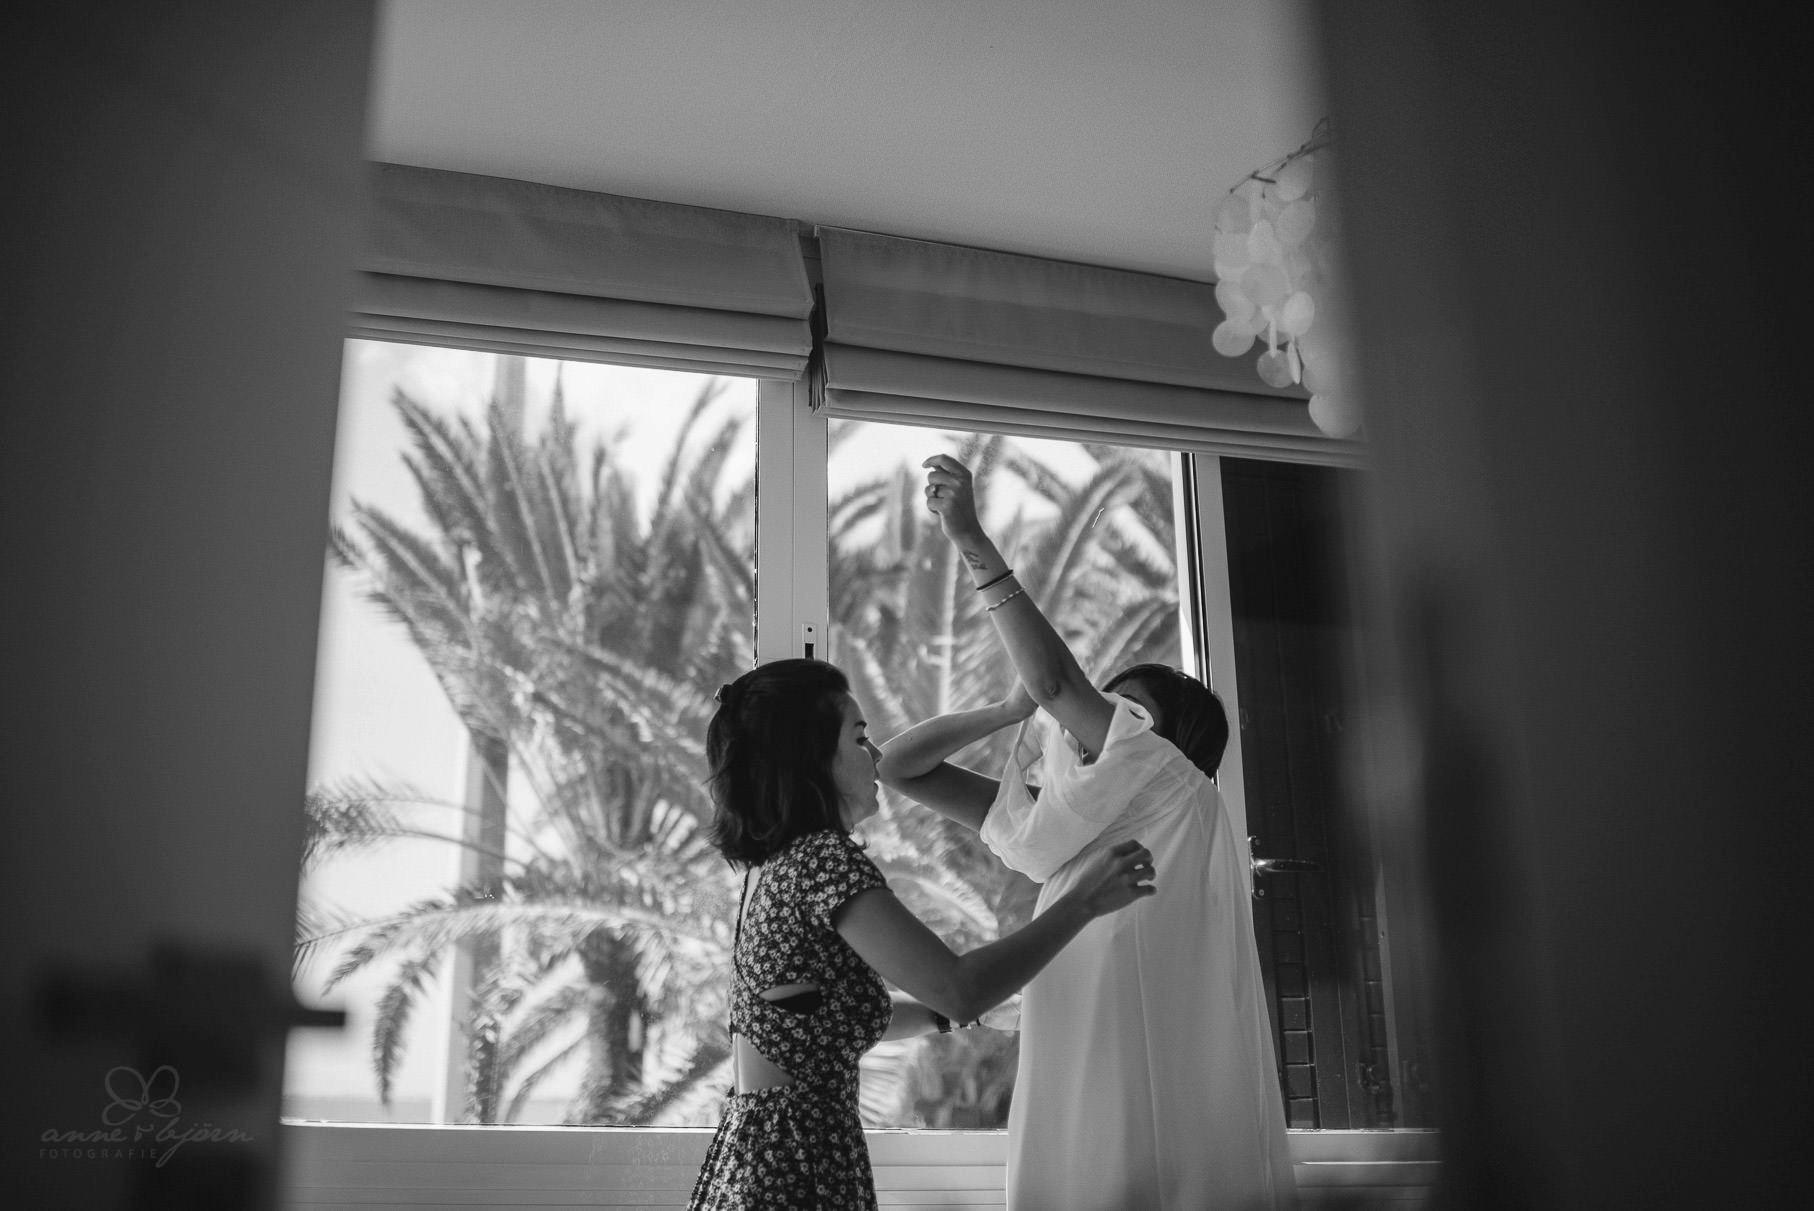 0045 lug d75 5915 - Hochzeit auf Gran Canaria - Linda & Gerald (Elopement)